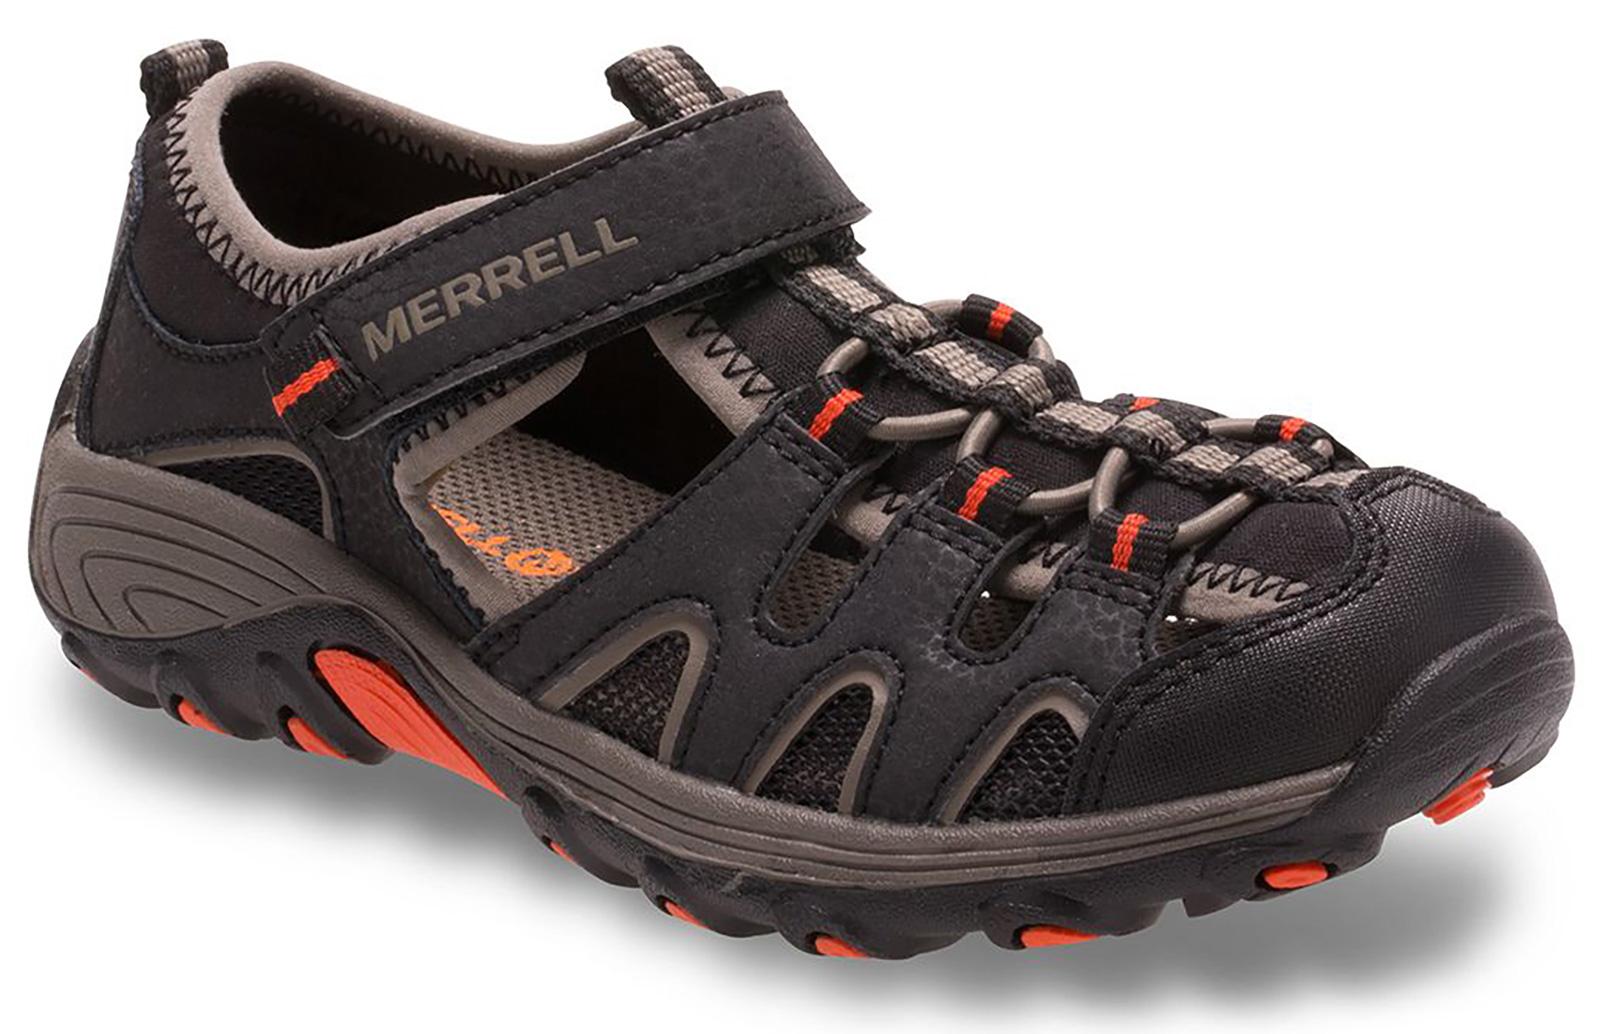 Merrell Hydro H2O Hiker Sandal Kid 56508 EUR 35